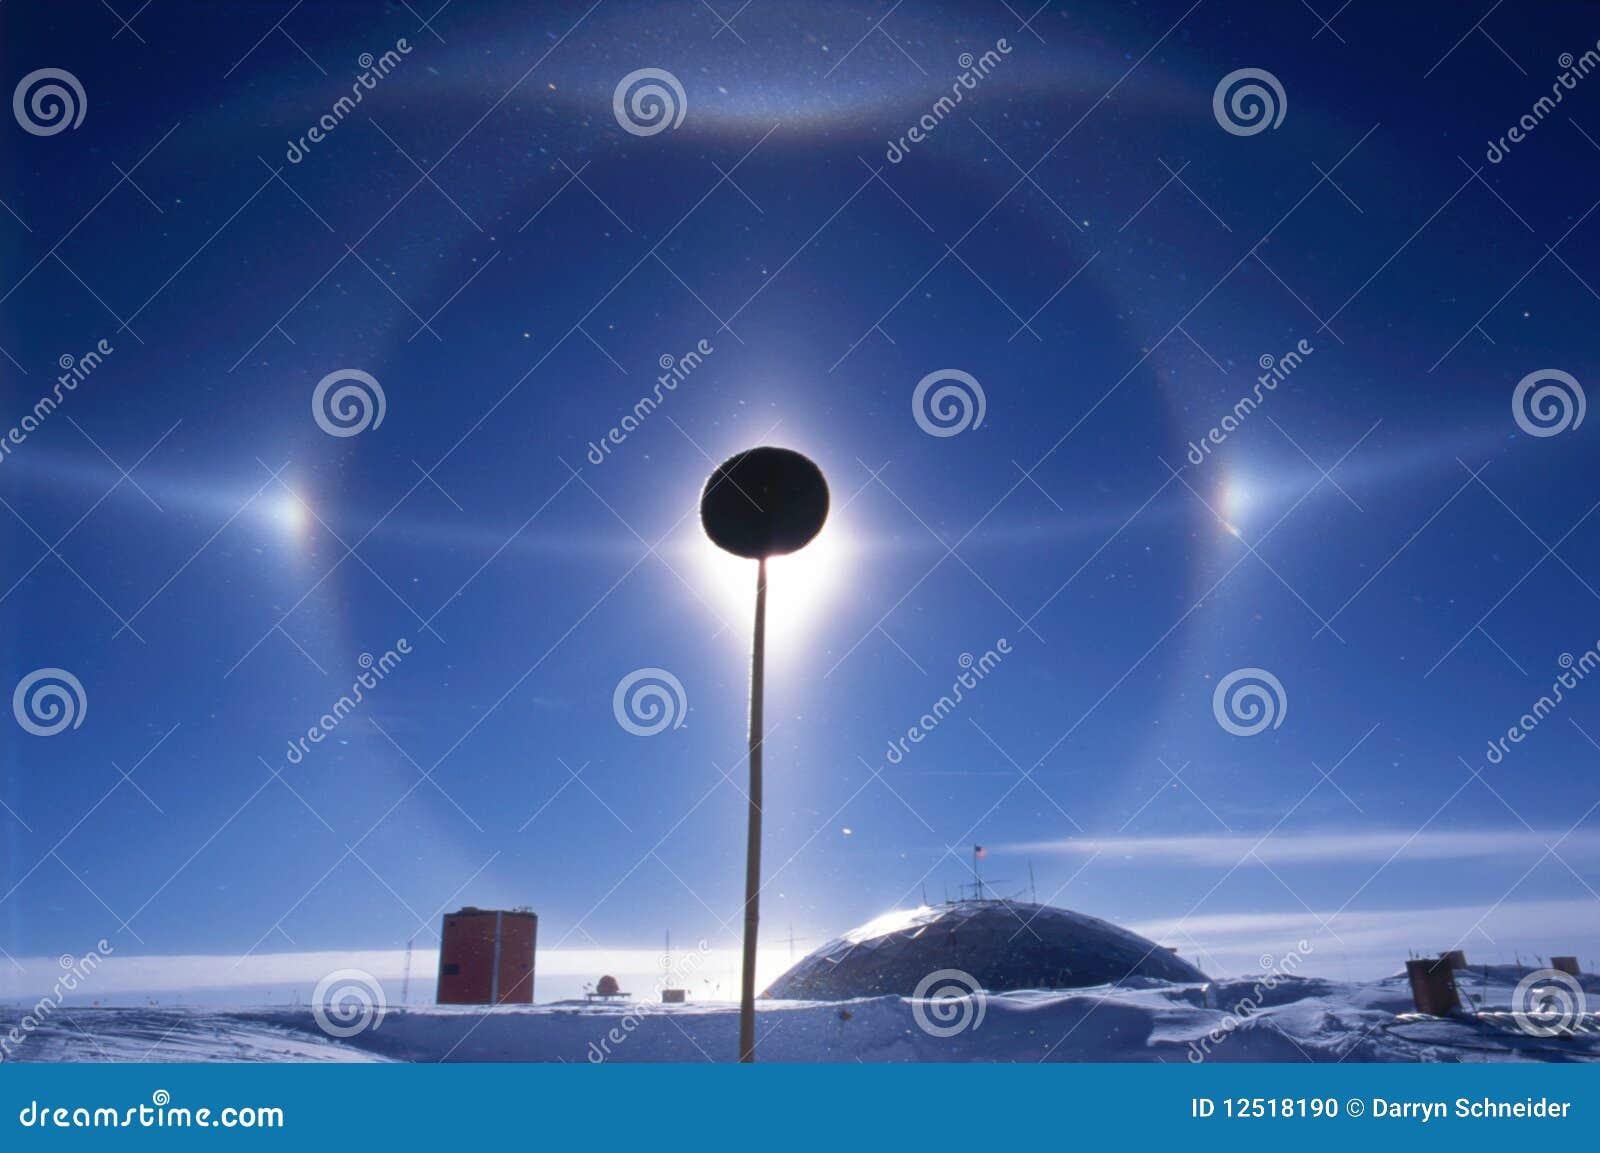 South Pole Halo